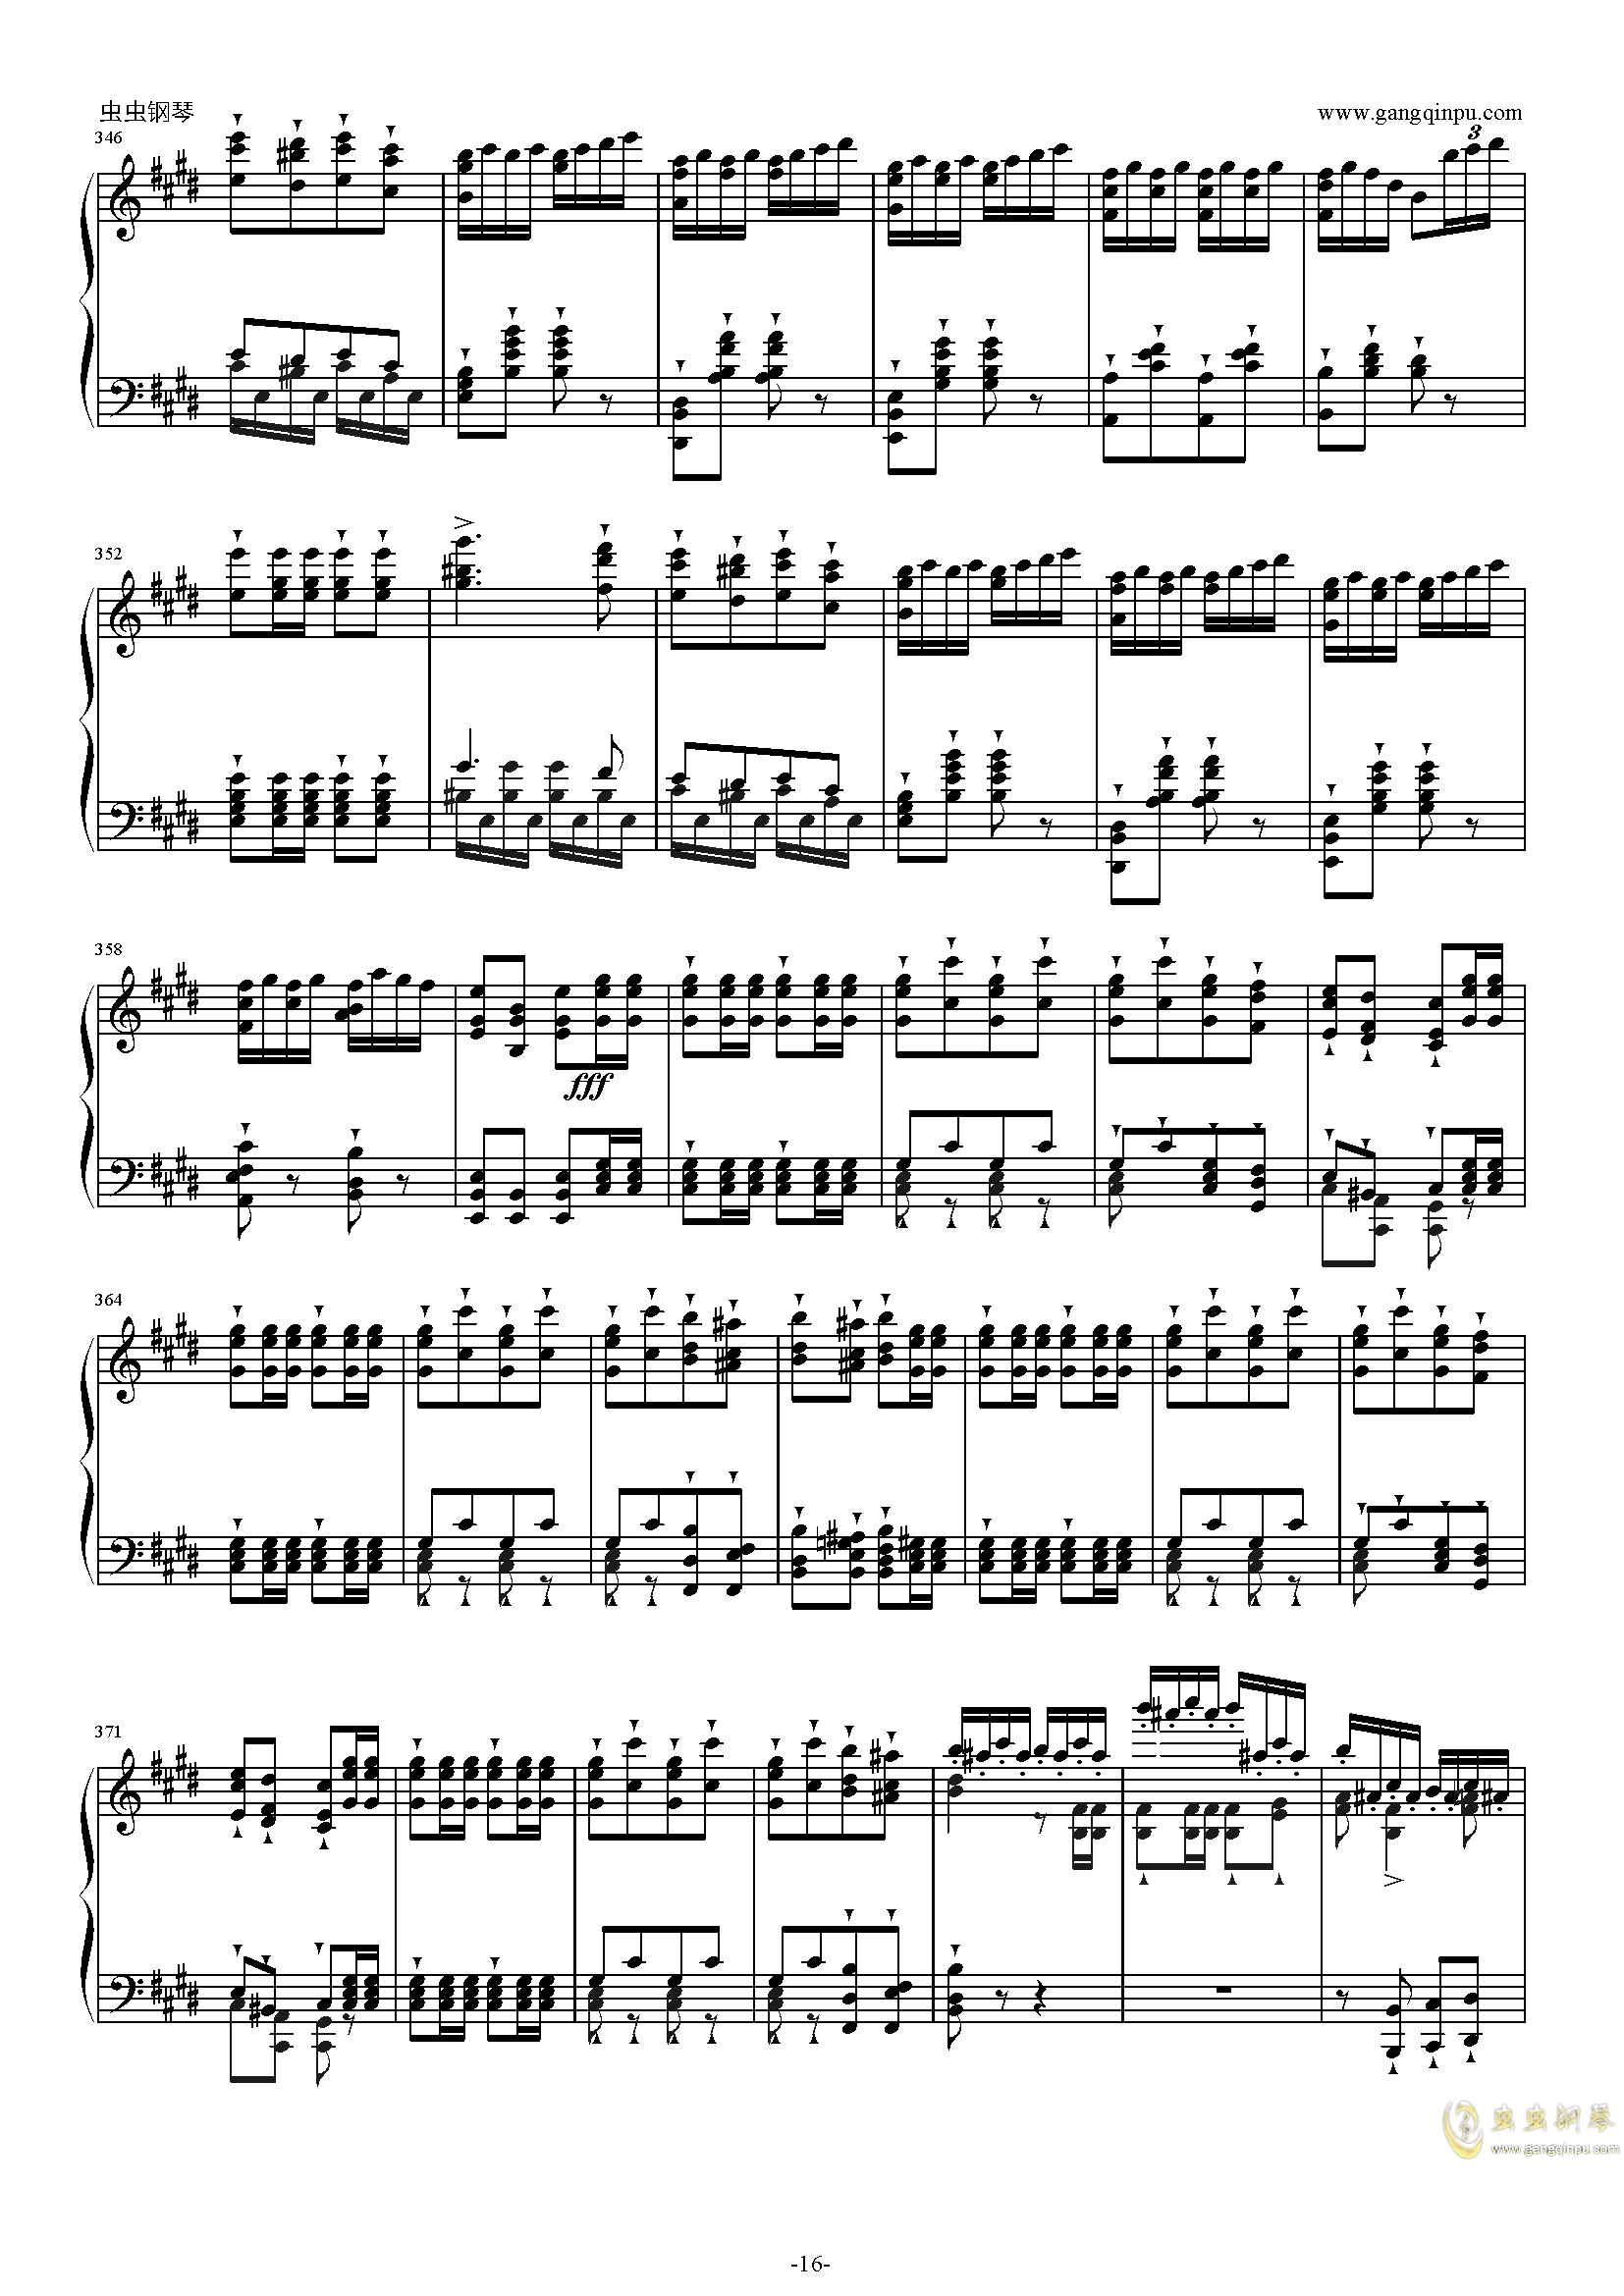 威廉・退尔序曲钢琴谱 第16页